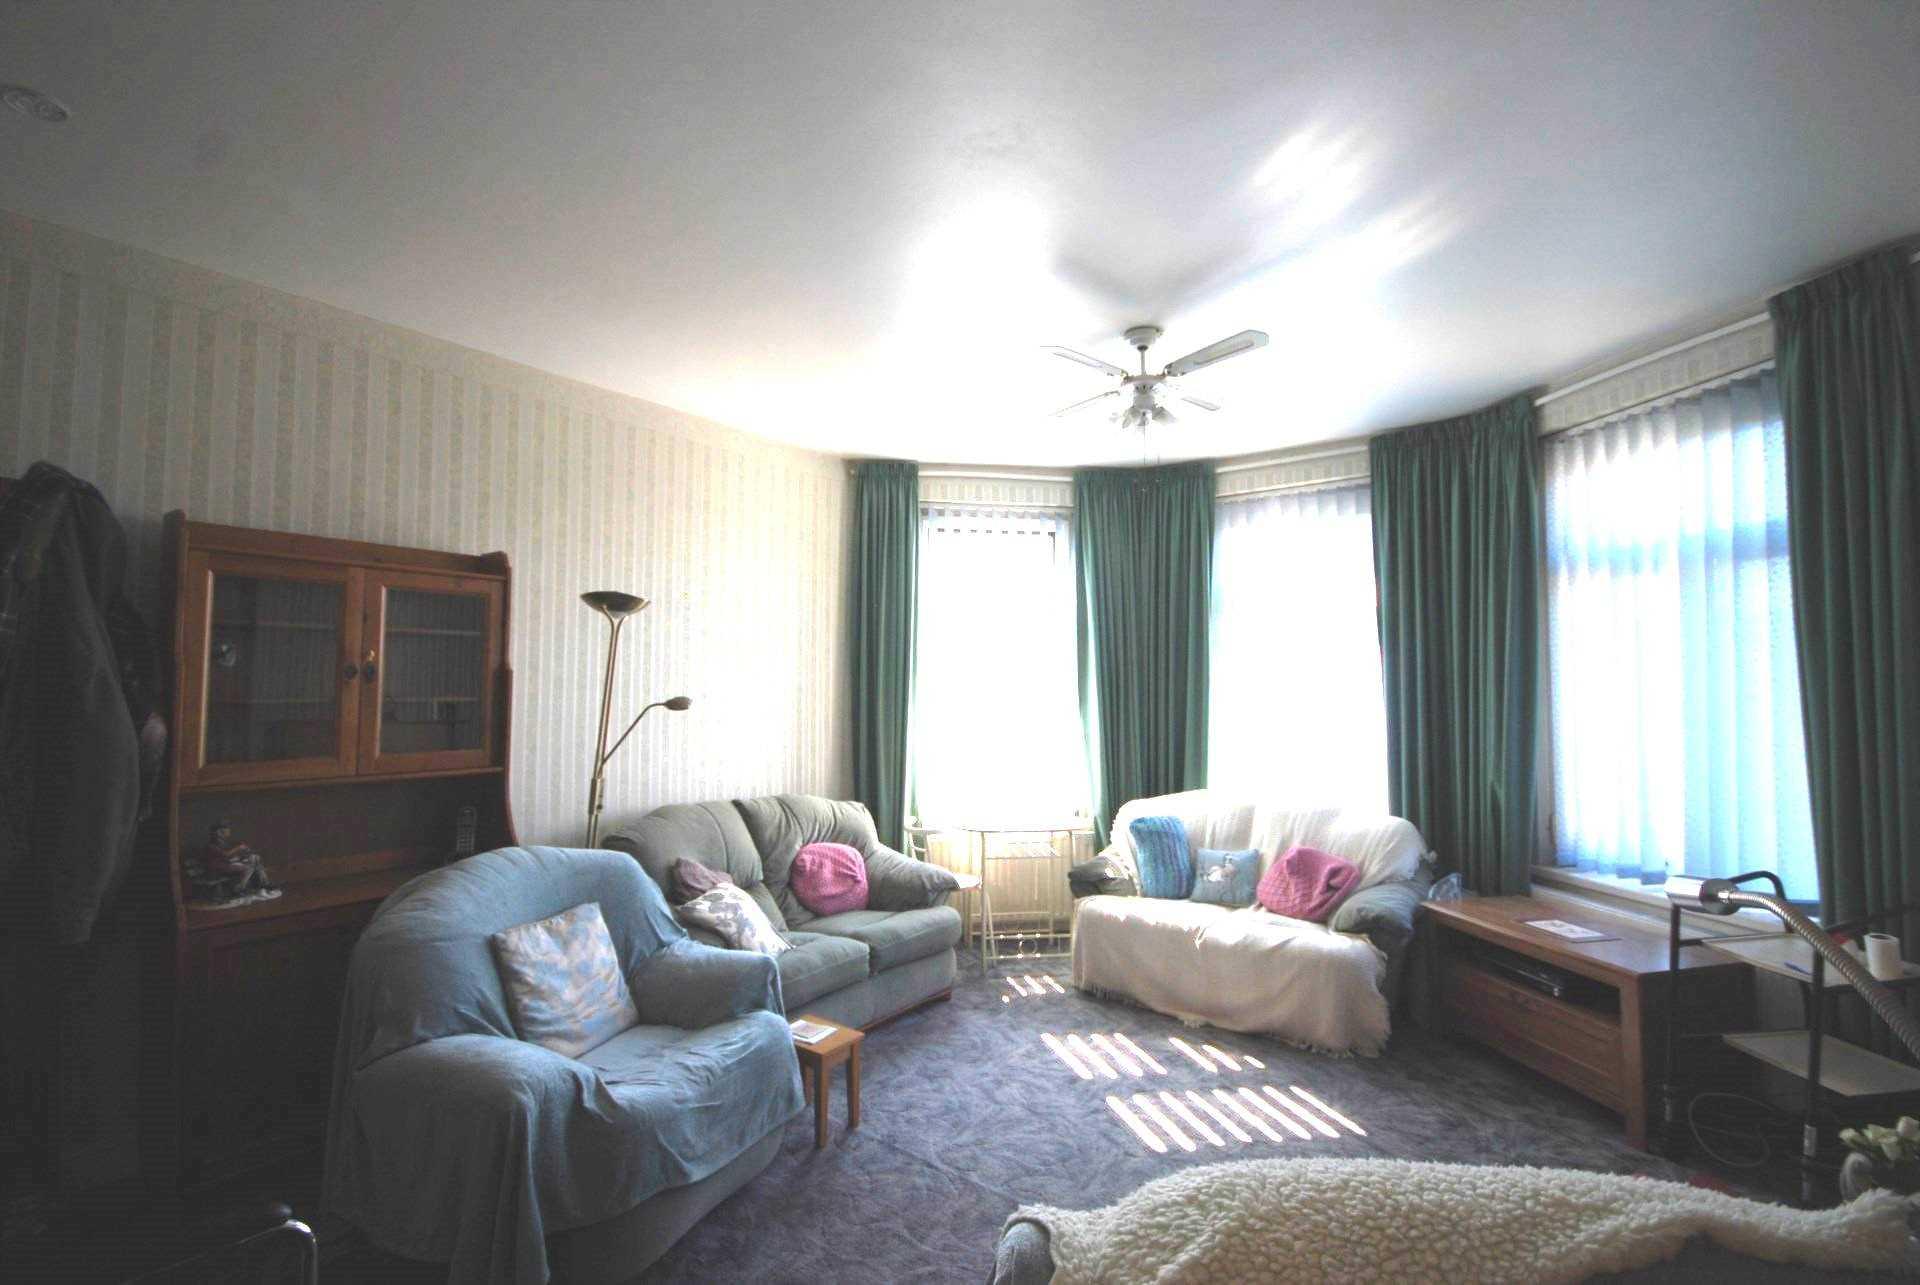 Etloe House, Leyton, E10 7DF, Image 5